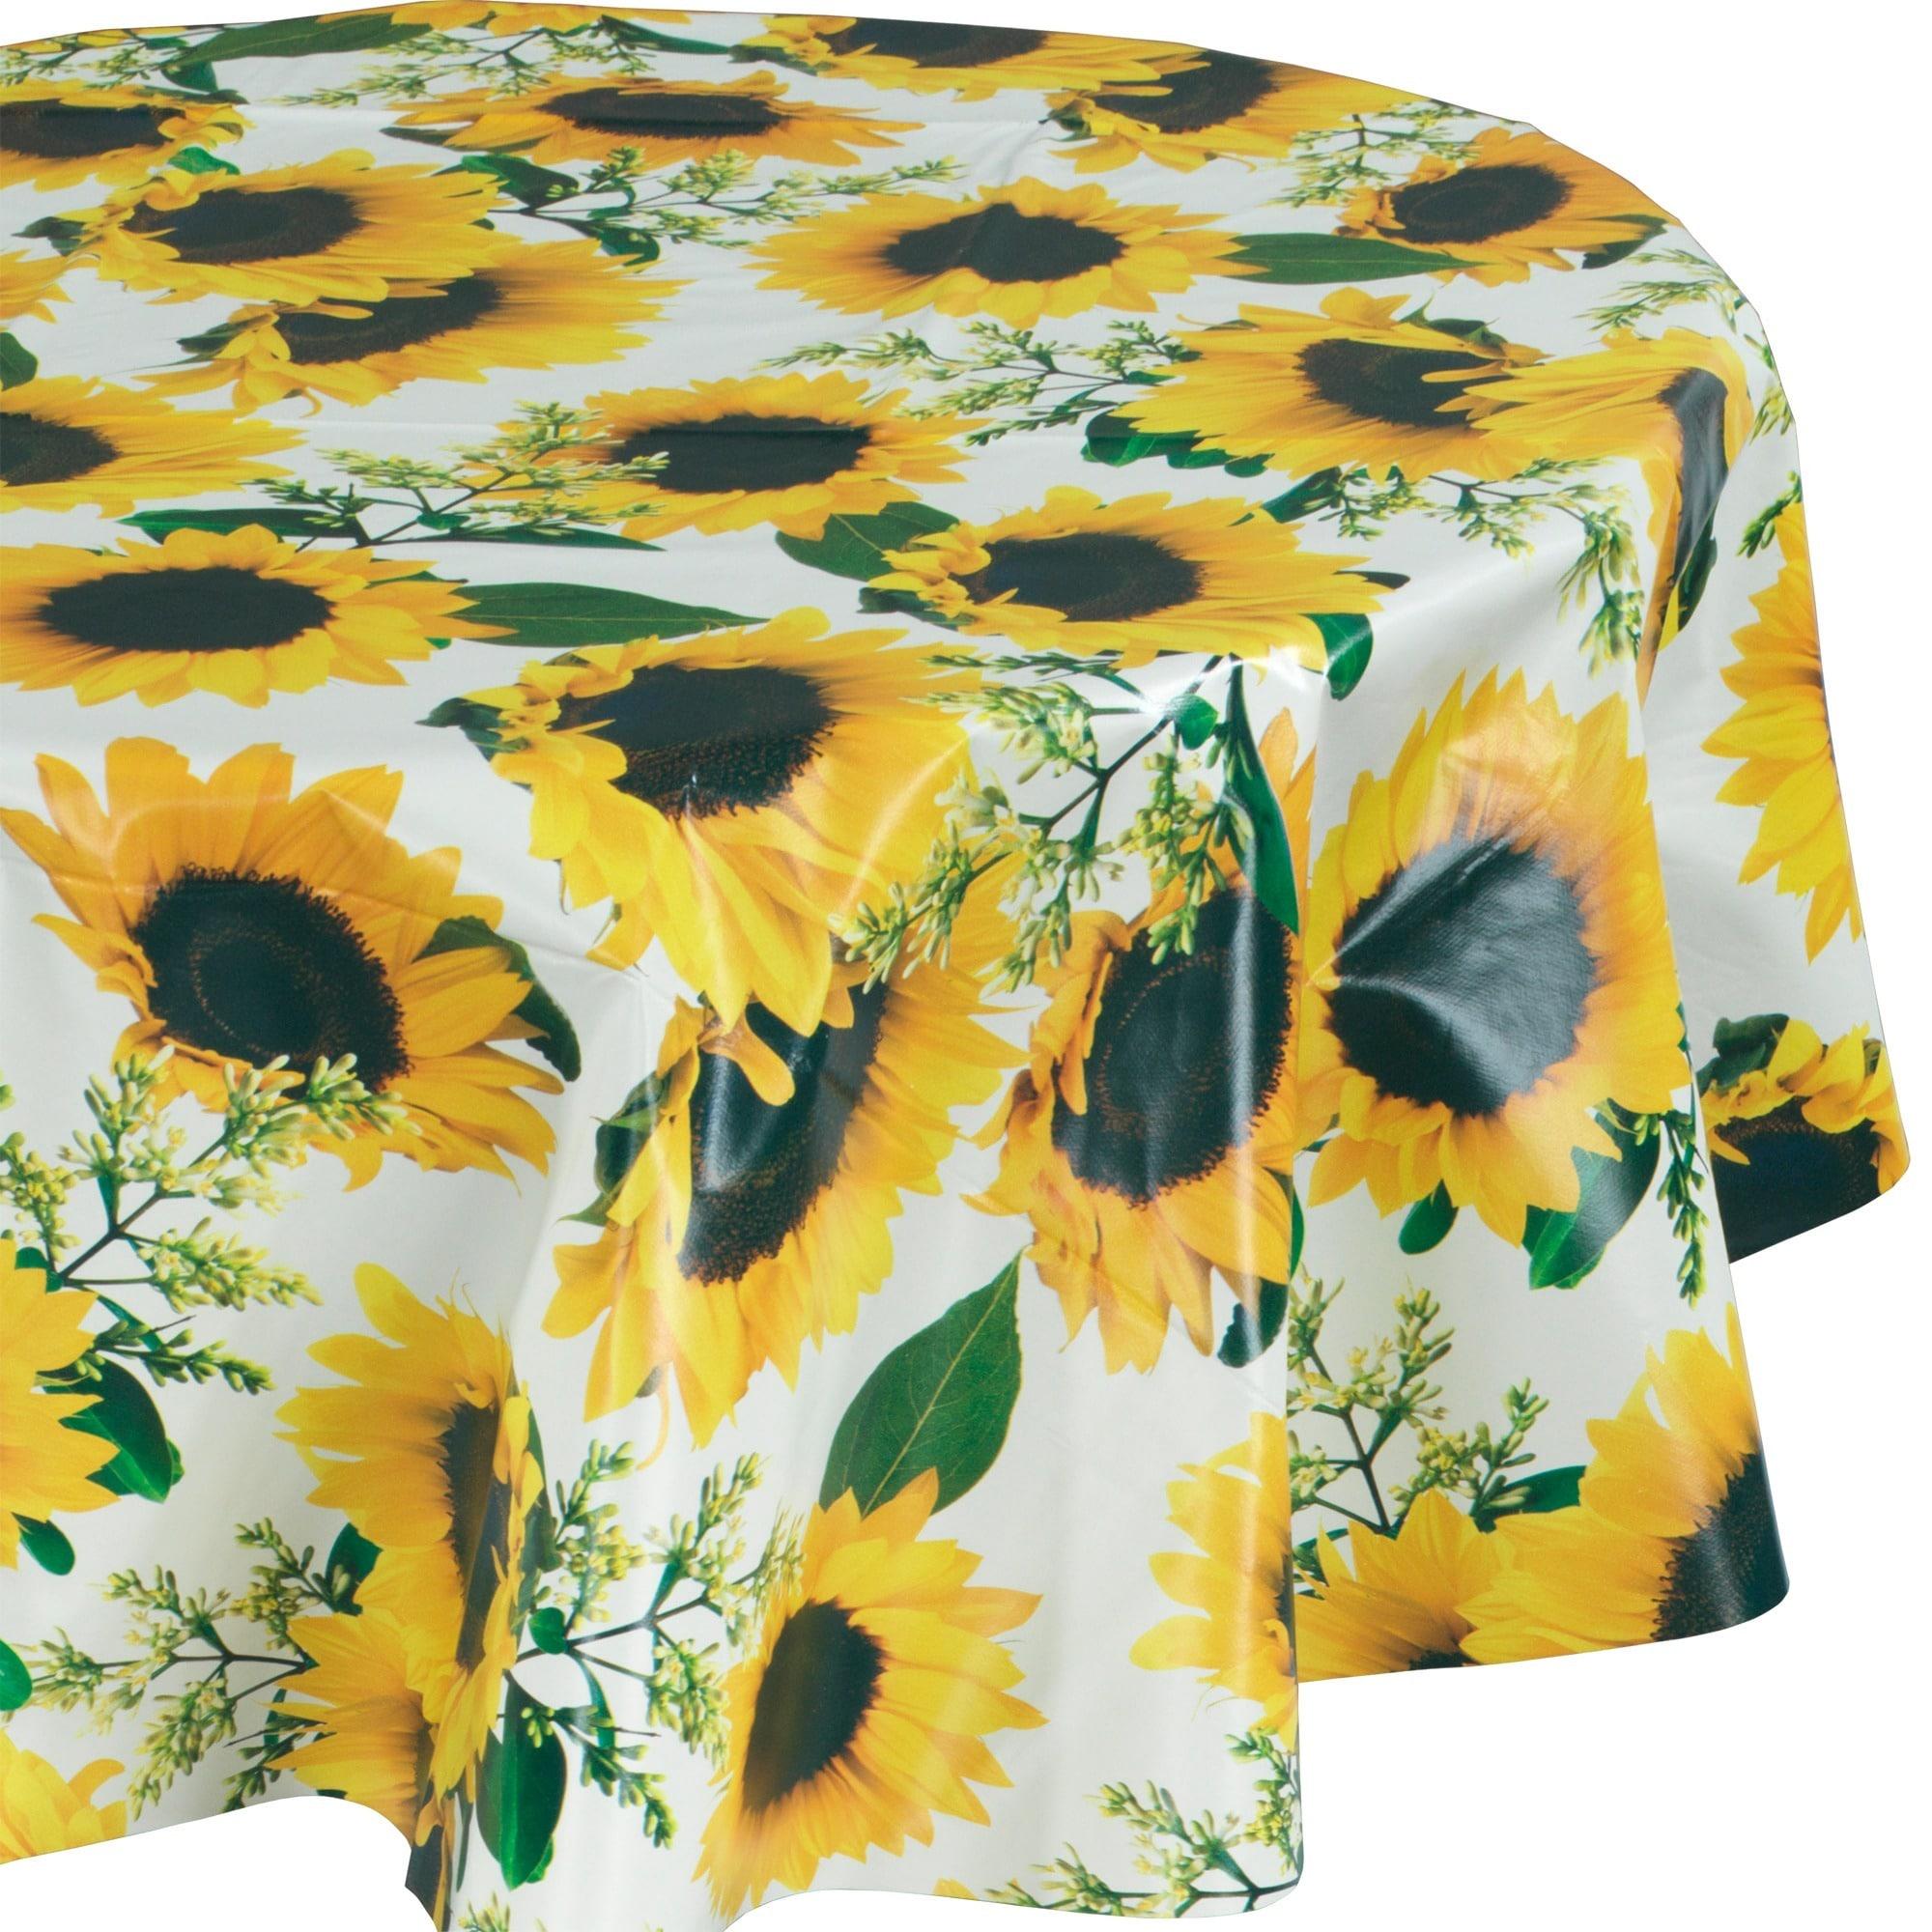 Ottohome Vinyl Sunflower Design 55-inch Round Indoor/Outd...